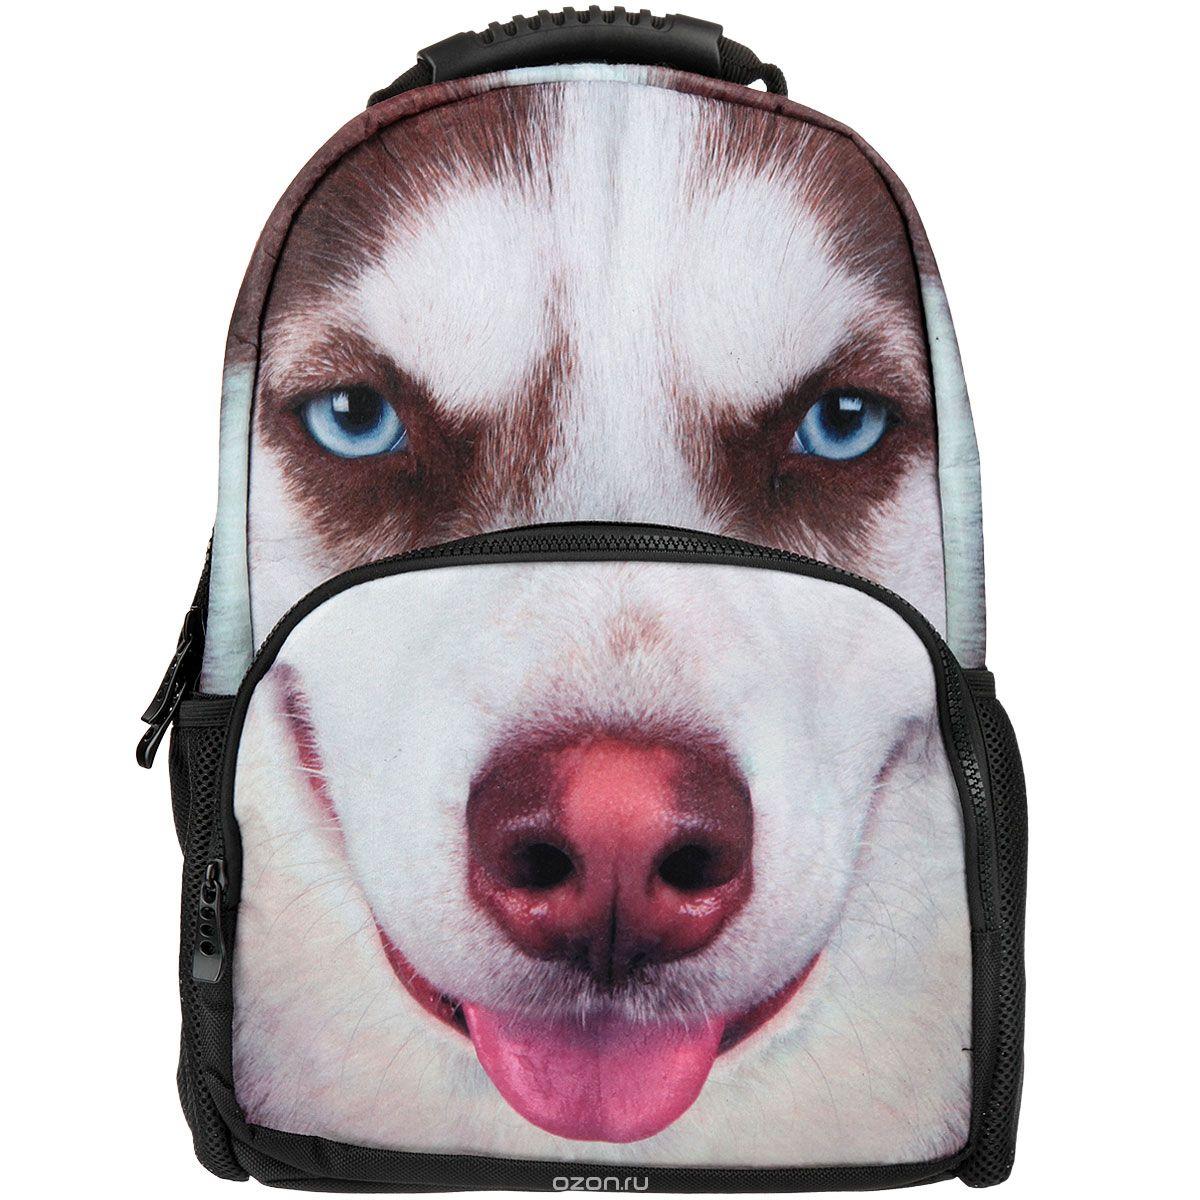 Рюкзак школьный Trend Line ХаскиNR_00055Стильный школьный рюкзак Trend Line выполнен из полиэстера, дополнен вставкой из флиса, которая оформлена художественной печатью с изображением собаки породы Сибирский хаски. Рюкзак имеет одно основное отделение, закрывающееся на застежку-молнию. Снаружи, на лицевой стороне, рюкзака размещен накладной карман на молнии, внутри которого предусмотрен еще один накладной карман на липучке. С двух сторон изделия расположены два накладных сетчатых кармашка. В верхней части изделия предусмотрена эргономичная ручка для переноски, а также предусмотрены регулируемые лямки. Такой рюкзак станет незаменимым спутником вашего ребенка в походах за знаниями.